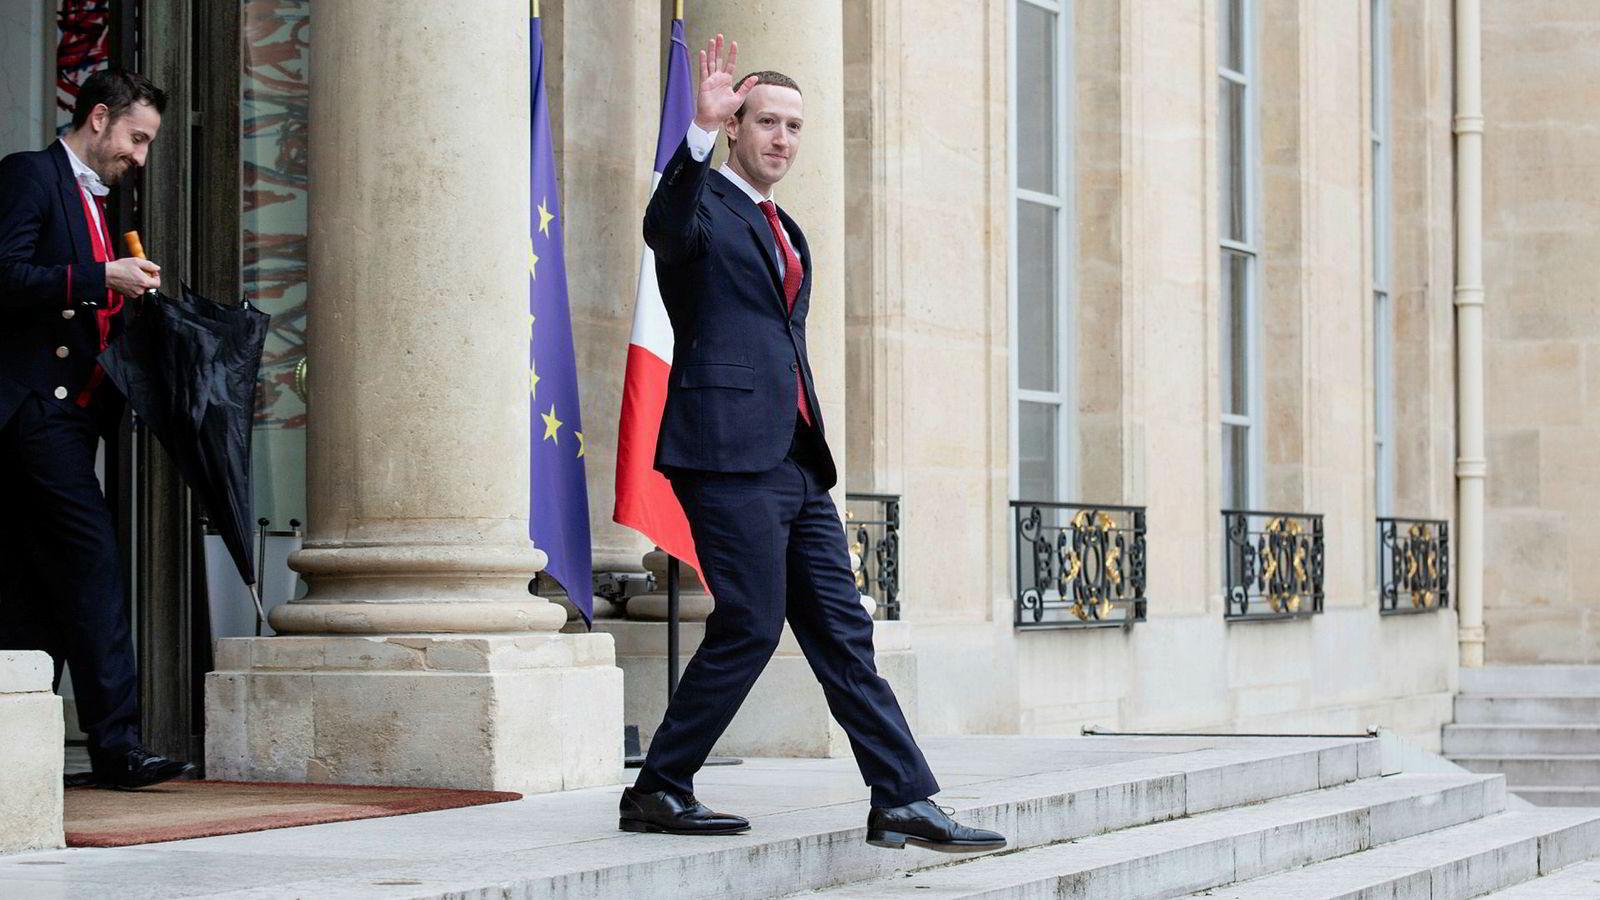 Mark Zuckerberg vinker i det han forlater Elyséepalasset i Paris etter et møte med Frankrikes president Emmanuel Macron i mai.